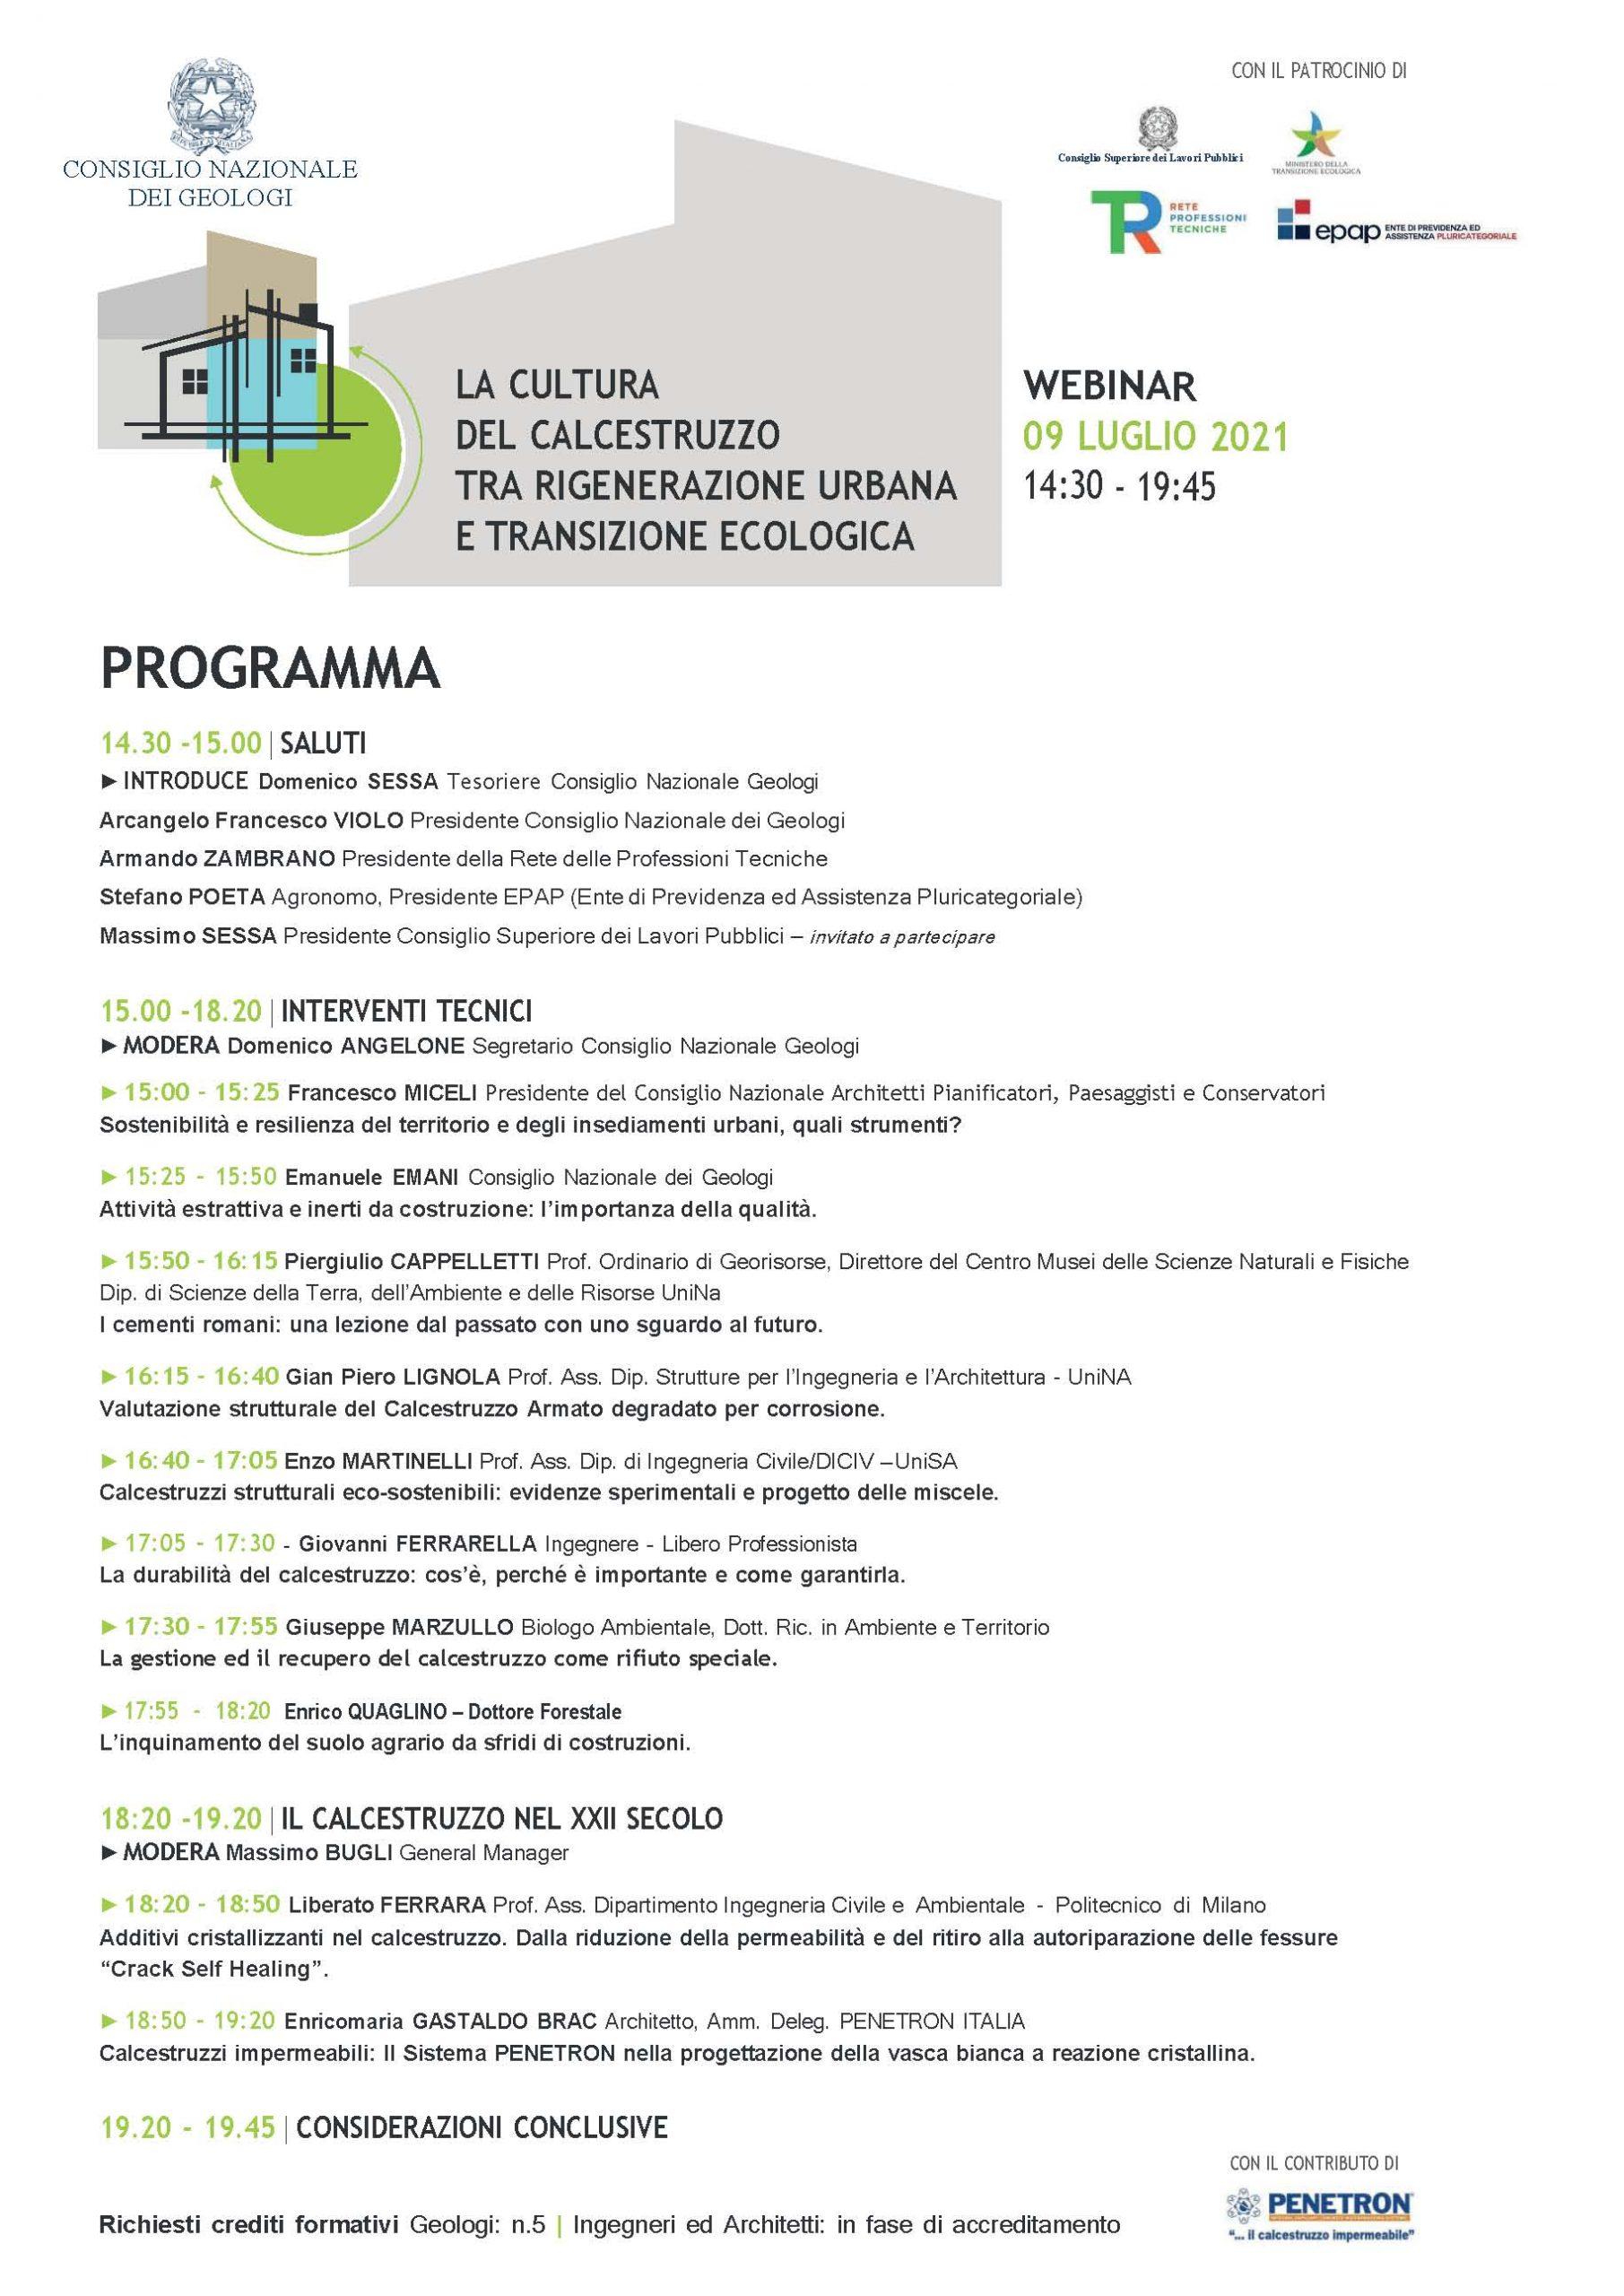 CNG-WEBINAR-programma-def